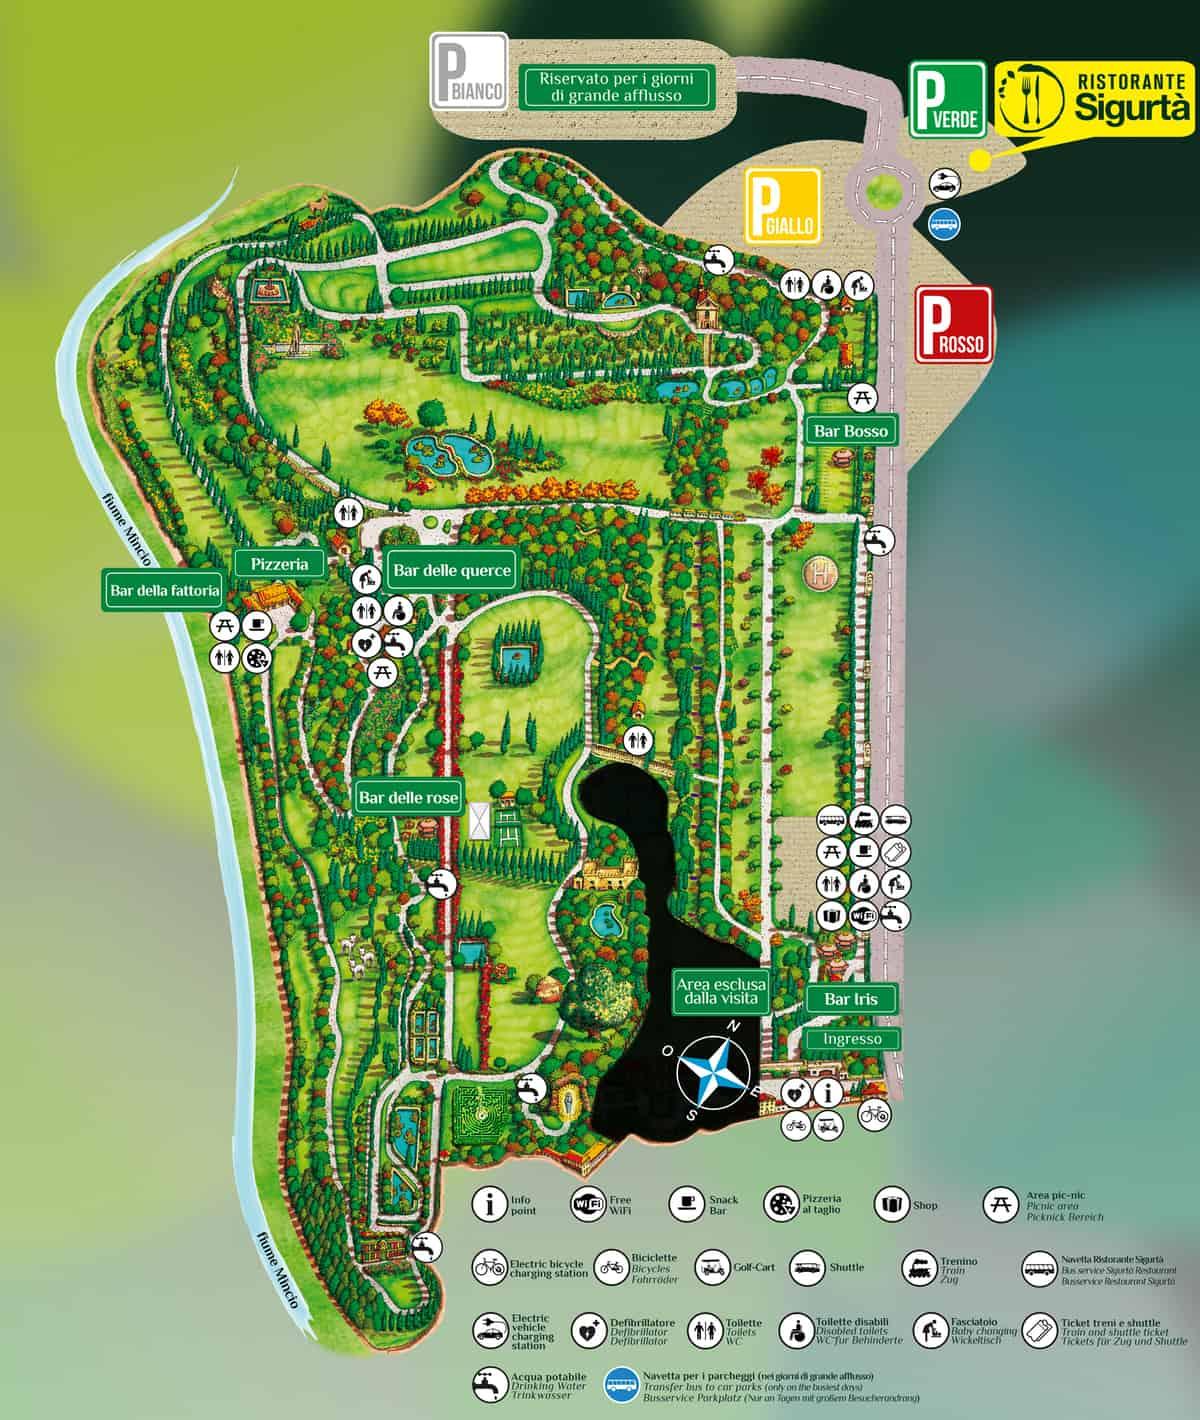 mappa del parco sigurtà